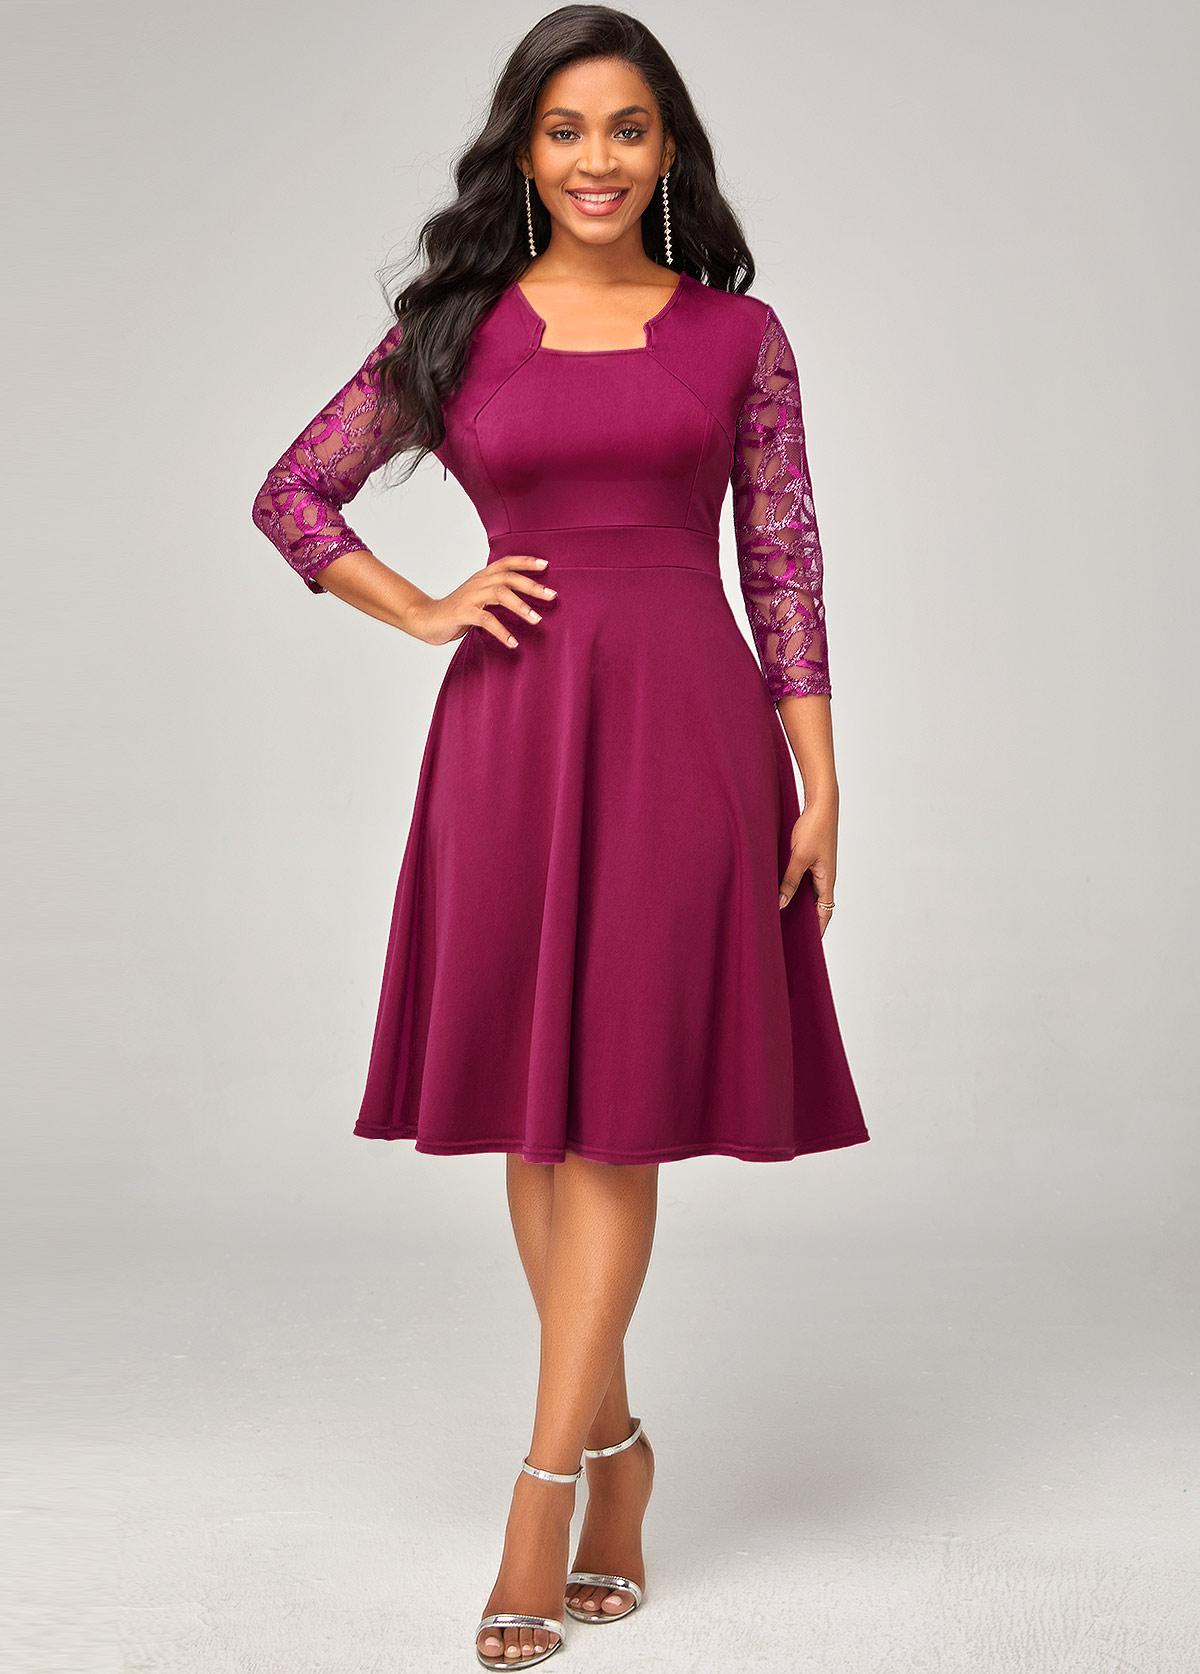 ROTITA 3/4 Sleeve Lace Stitching Solid Dress